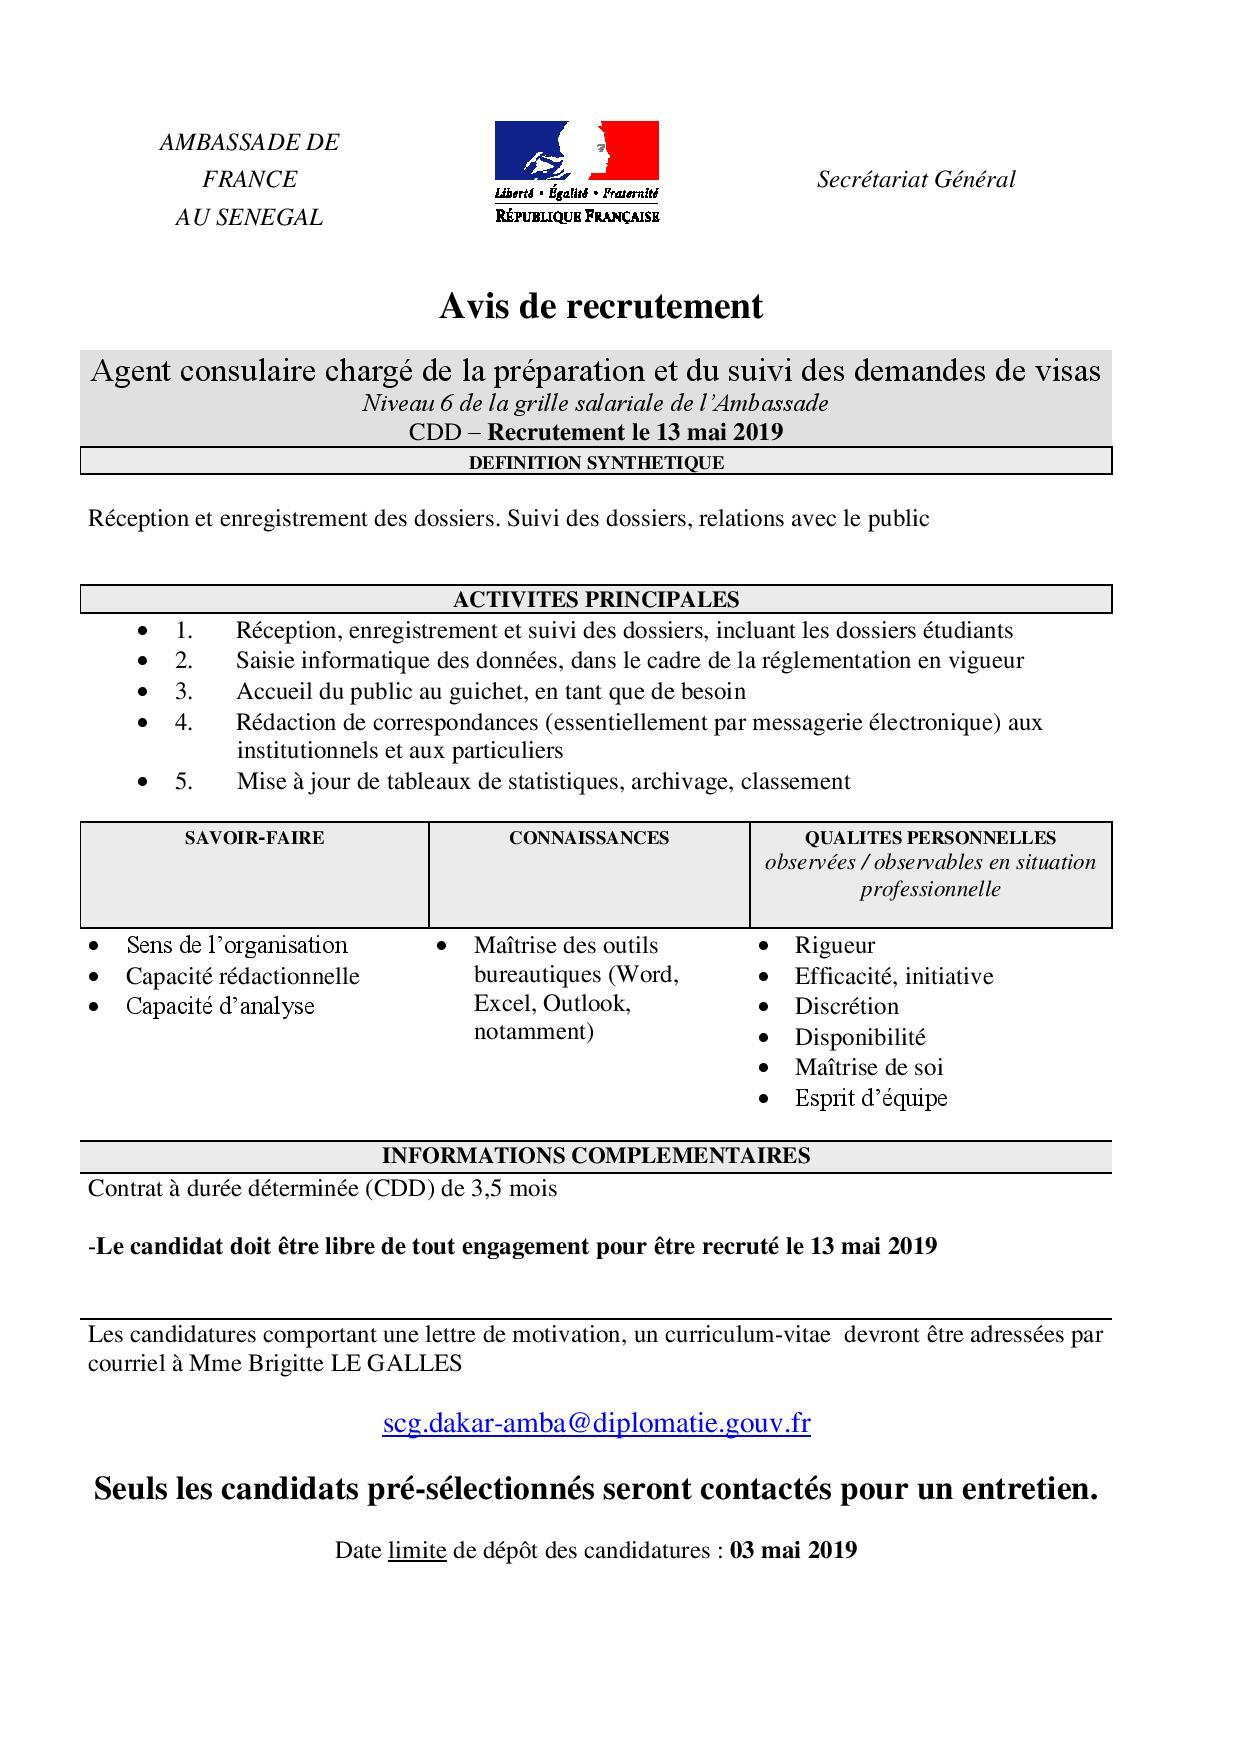 Avis de recrutement : Agent consulaire chargé de la préparation et du suivi des demandes de visas